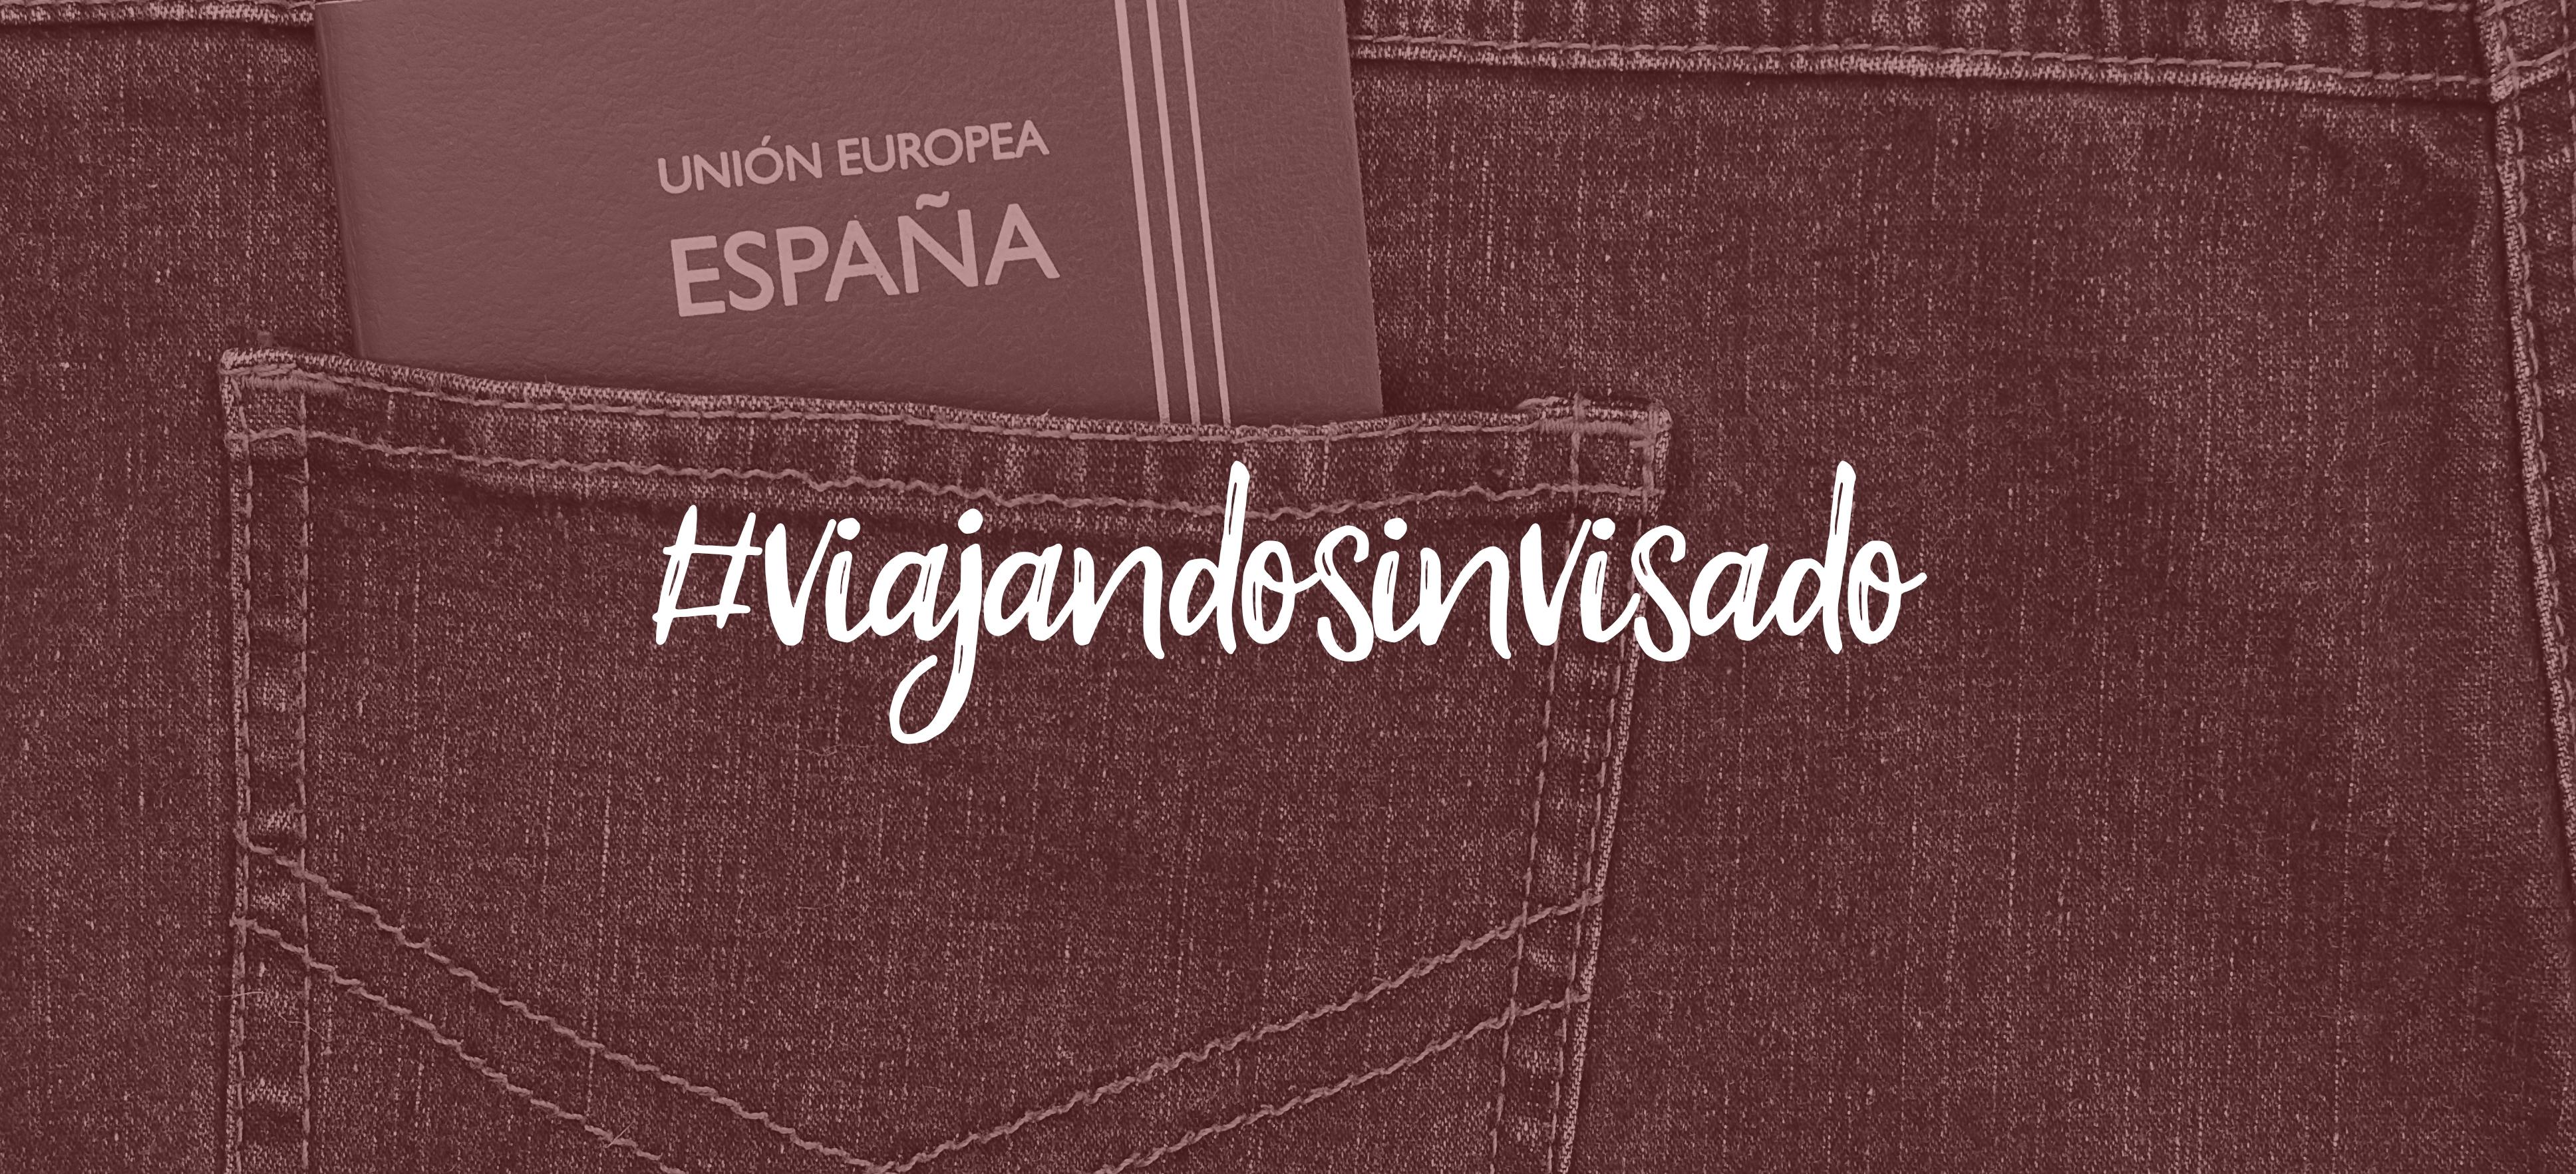 ¿Dónde puedo viajar sin visado y con mi pasaporte español?